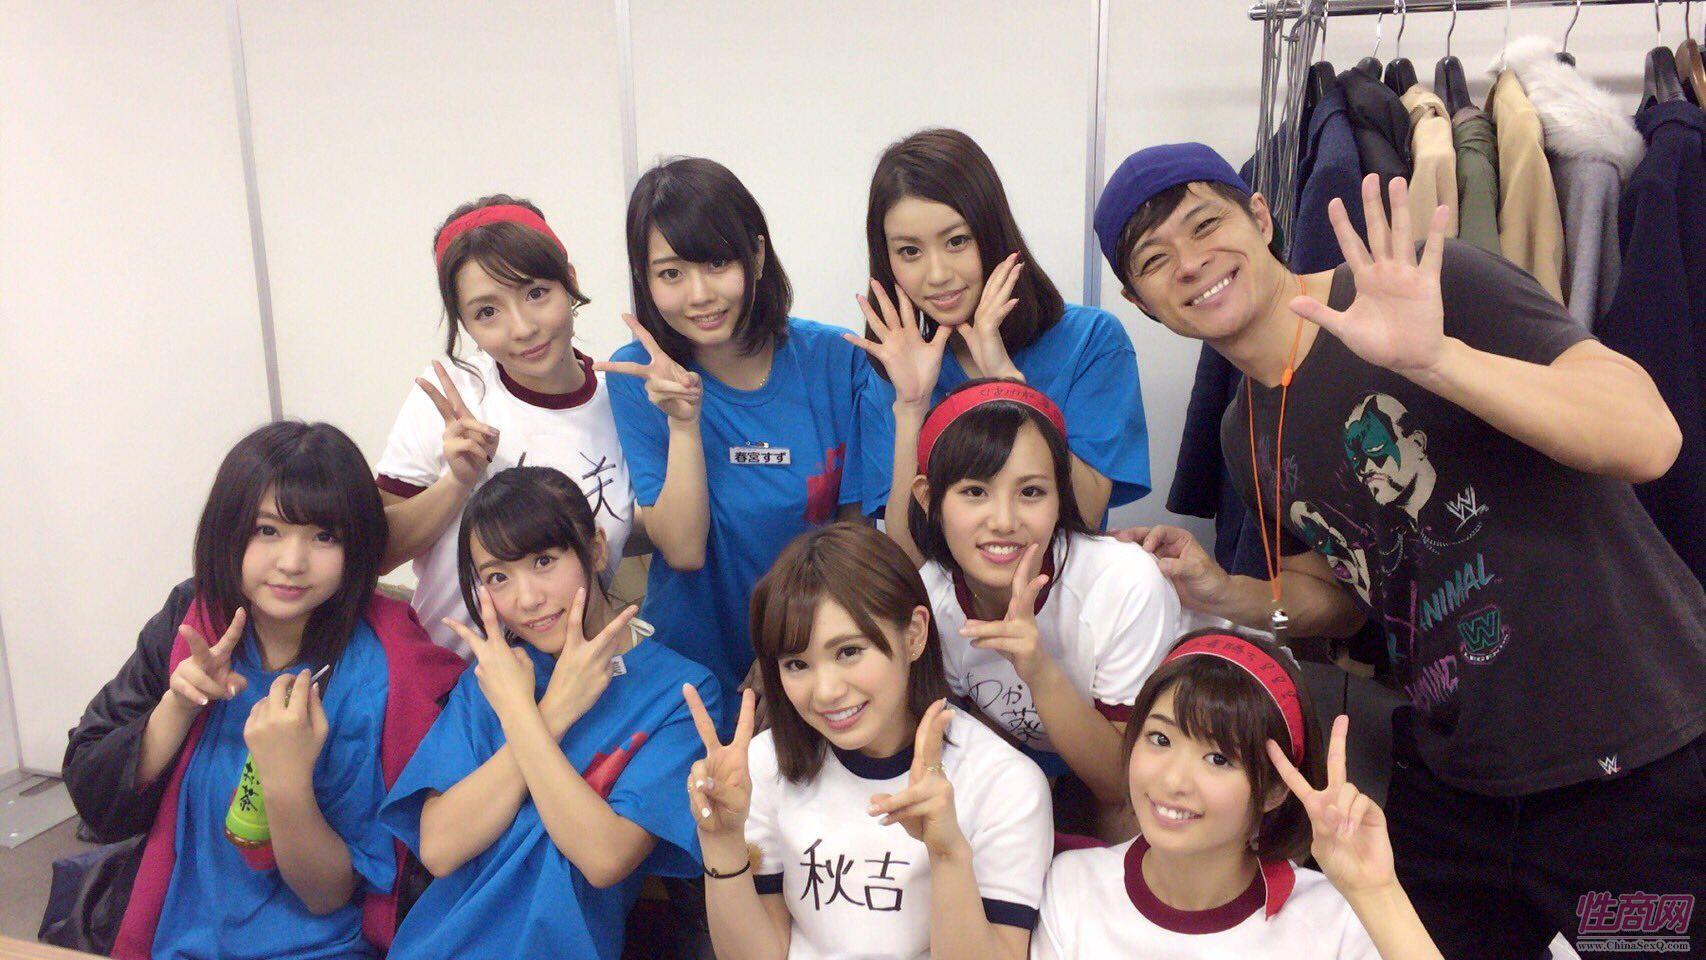 2016日本成人展JapanAdultExpo展会现场2图片40